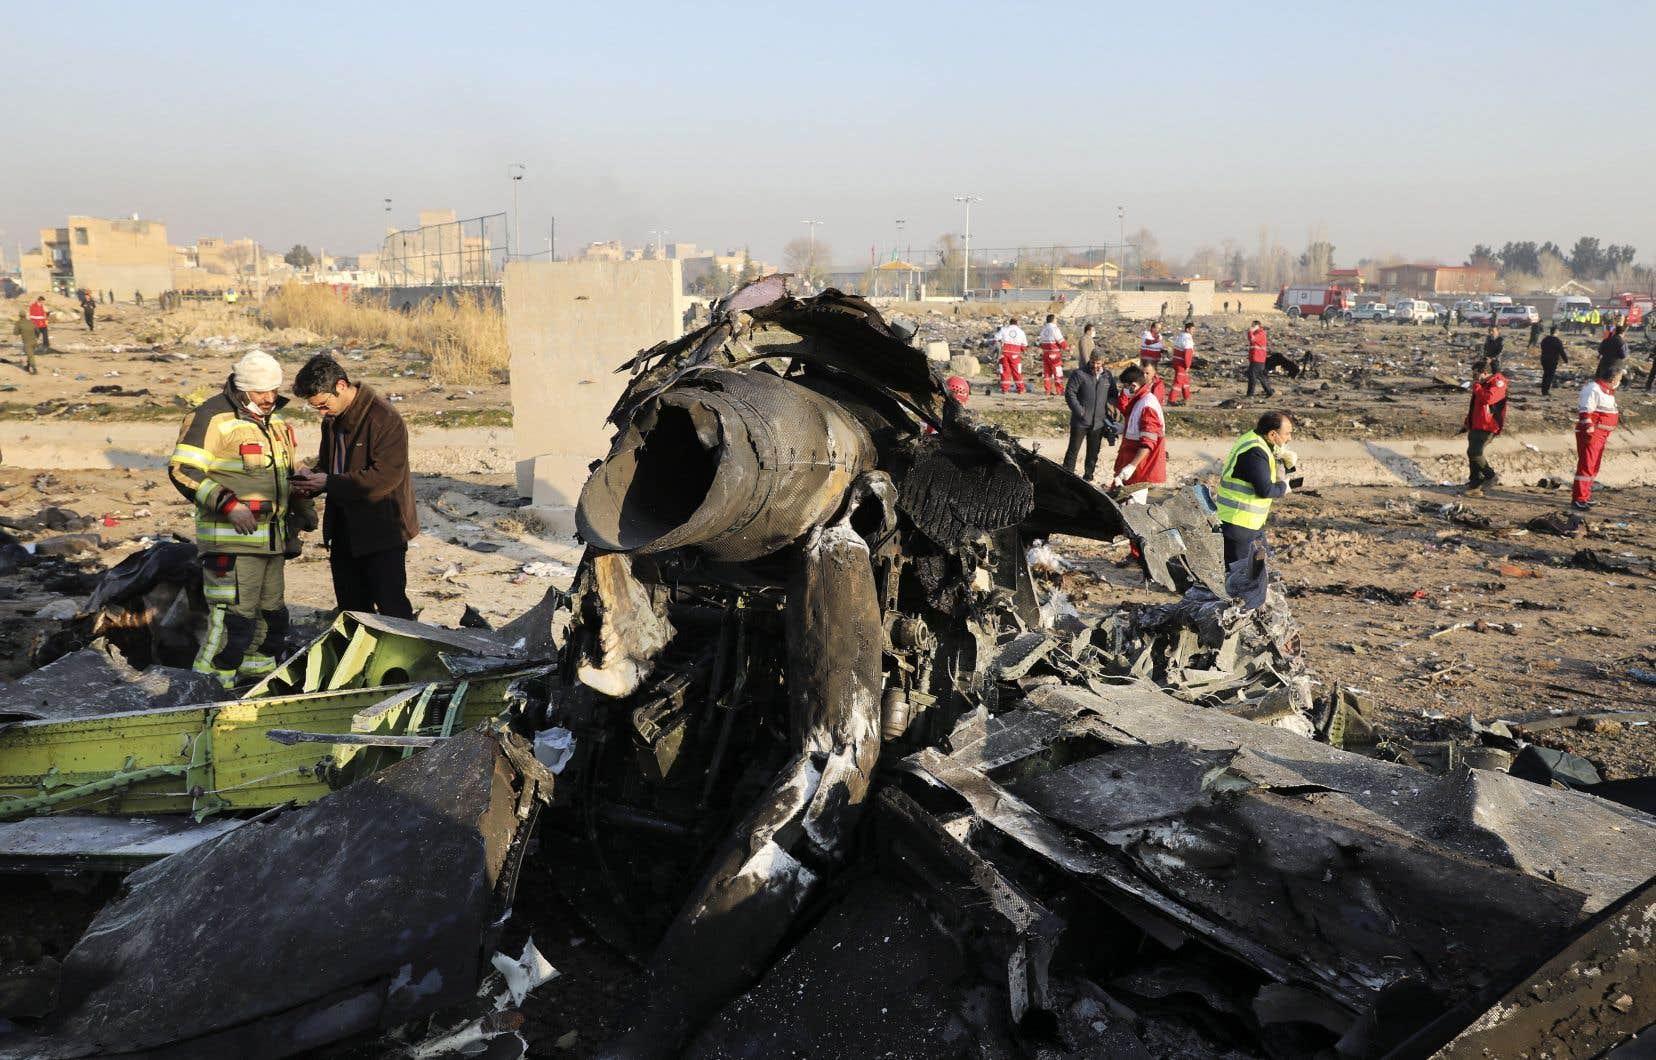 L'avion de ligne ukrainien s'est écrasé mercredi peu après son décollage de Téhéran, tuant tous ceux qui se trouvaient à bord.